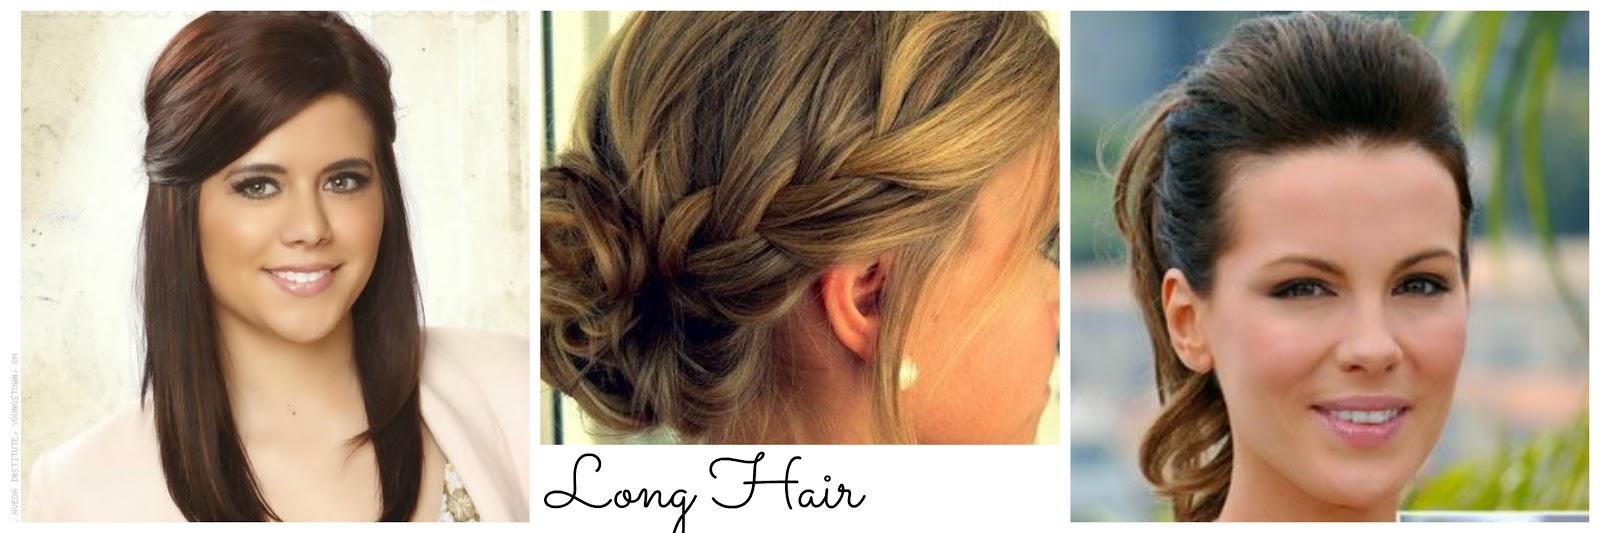 All Things Elizabeth Marie Career Talk Job Interview Hair Styles